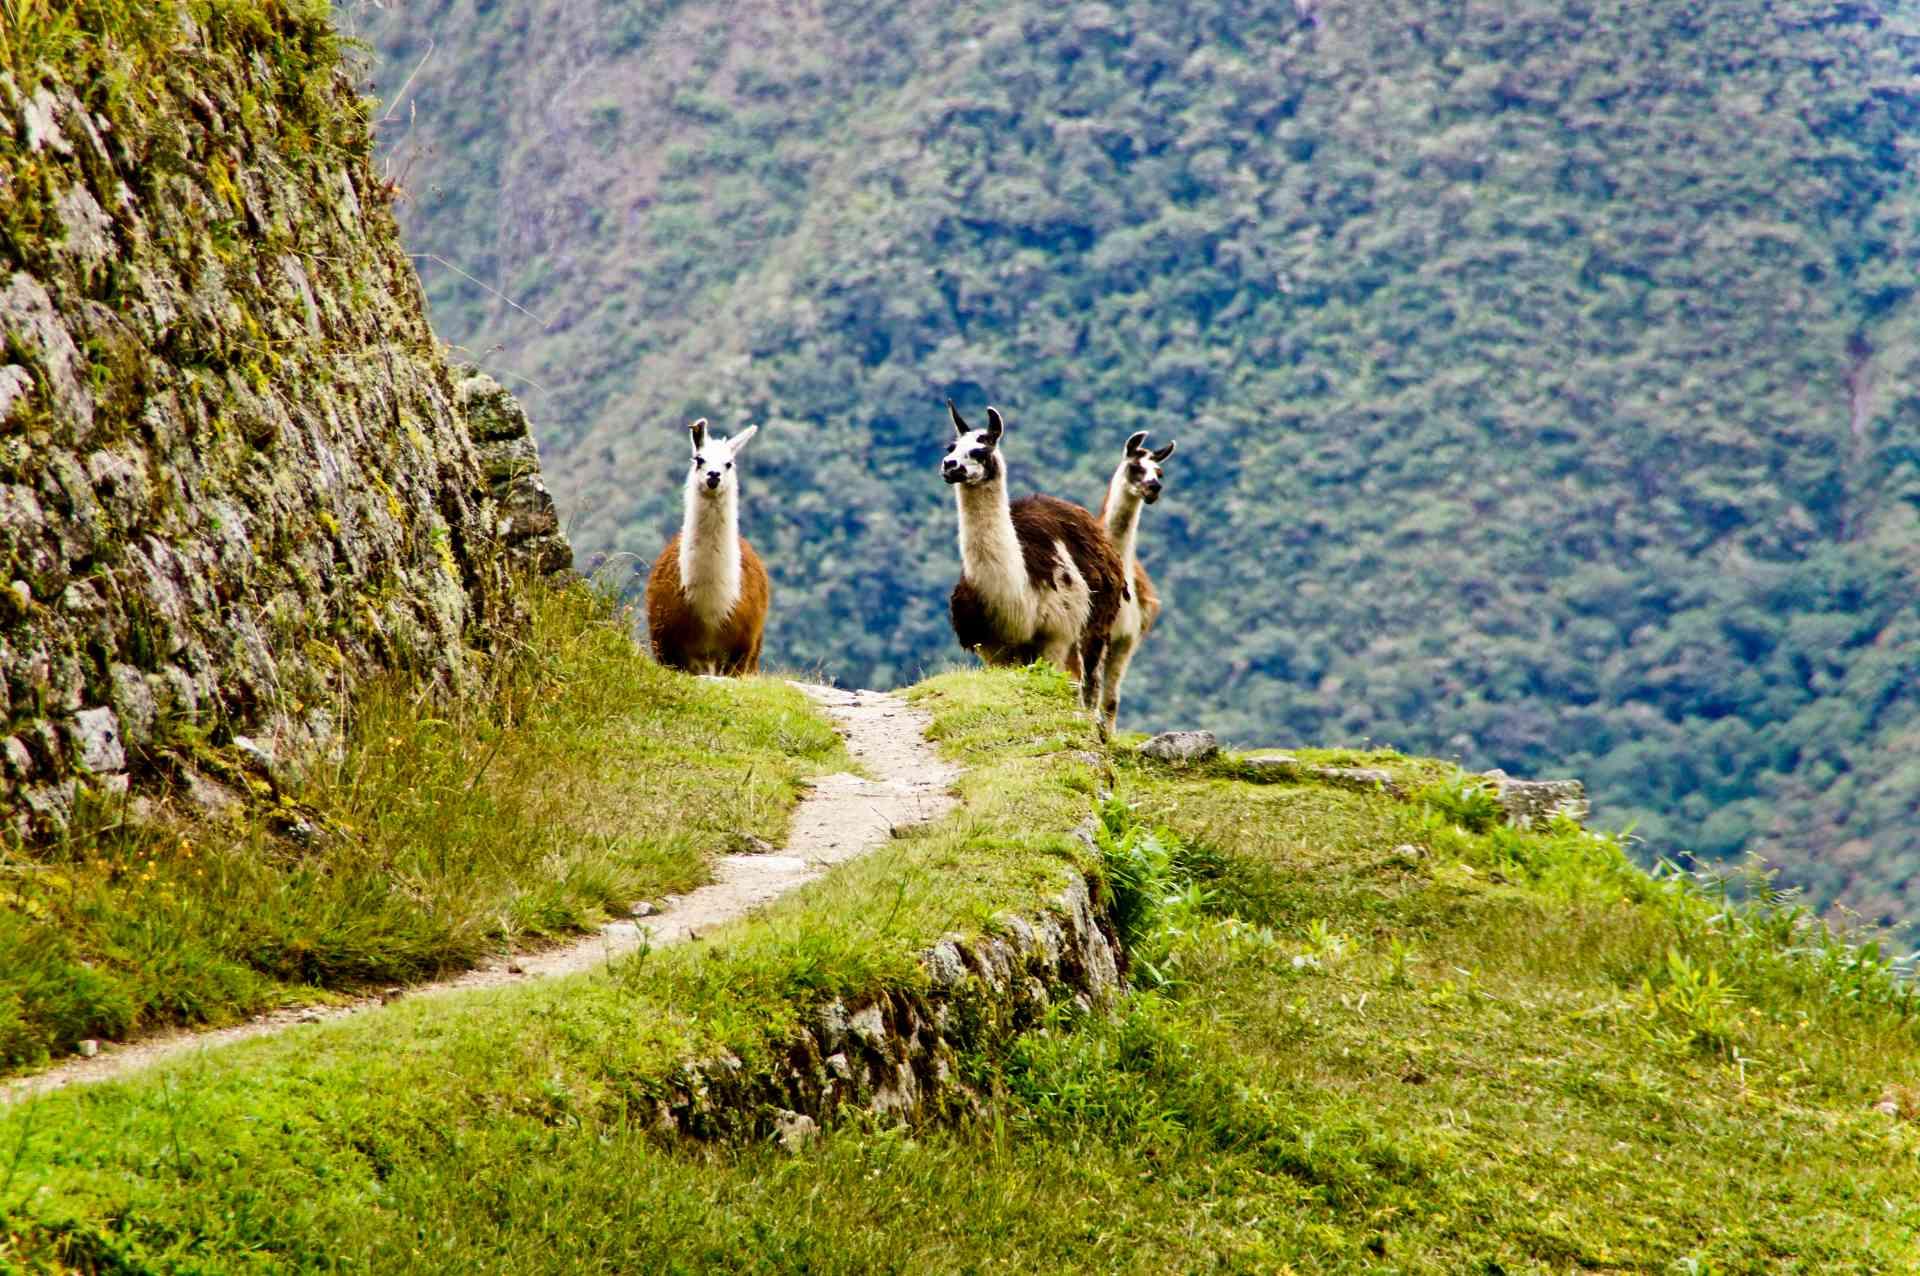 Machu Picchu, Peru by Priscilla Aster